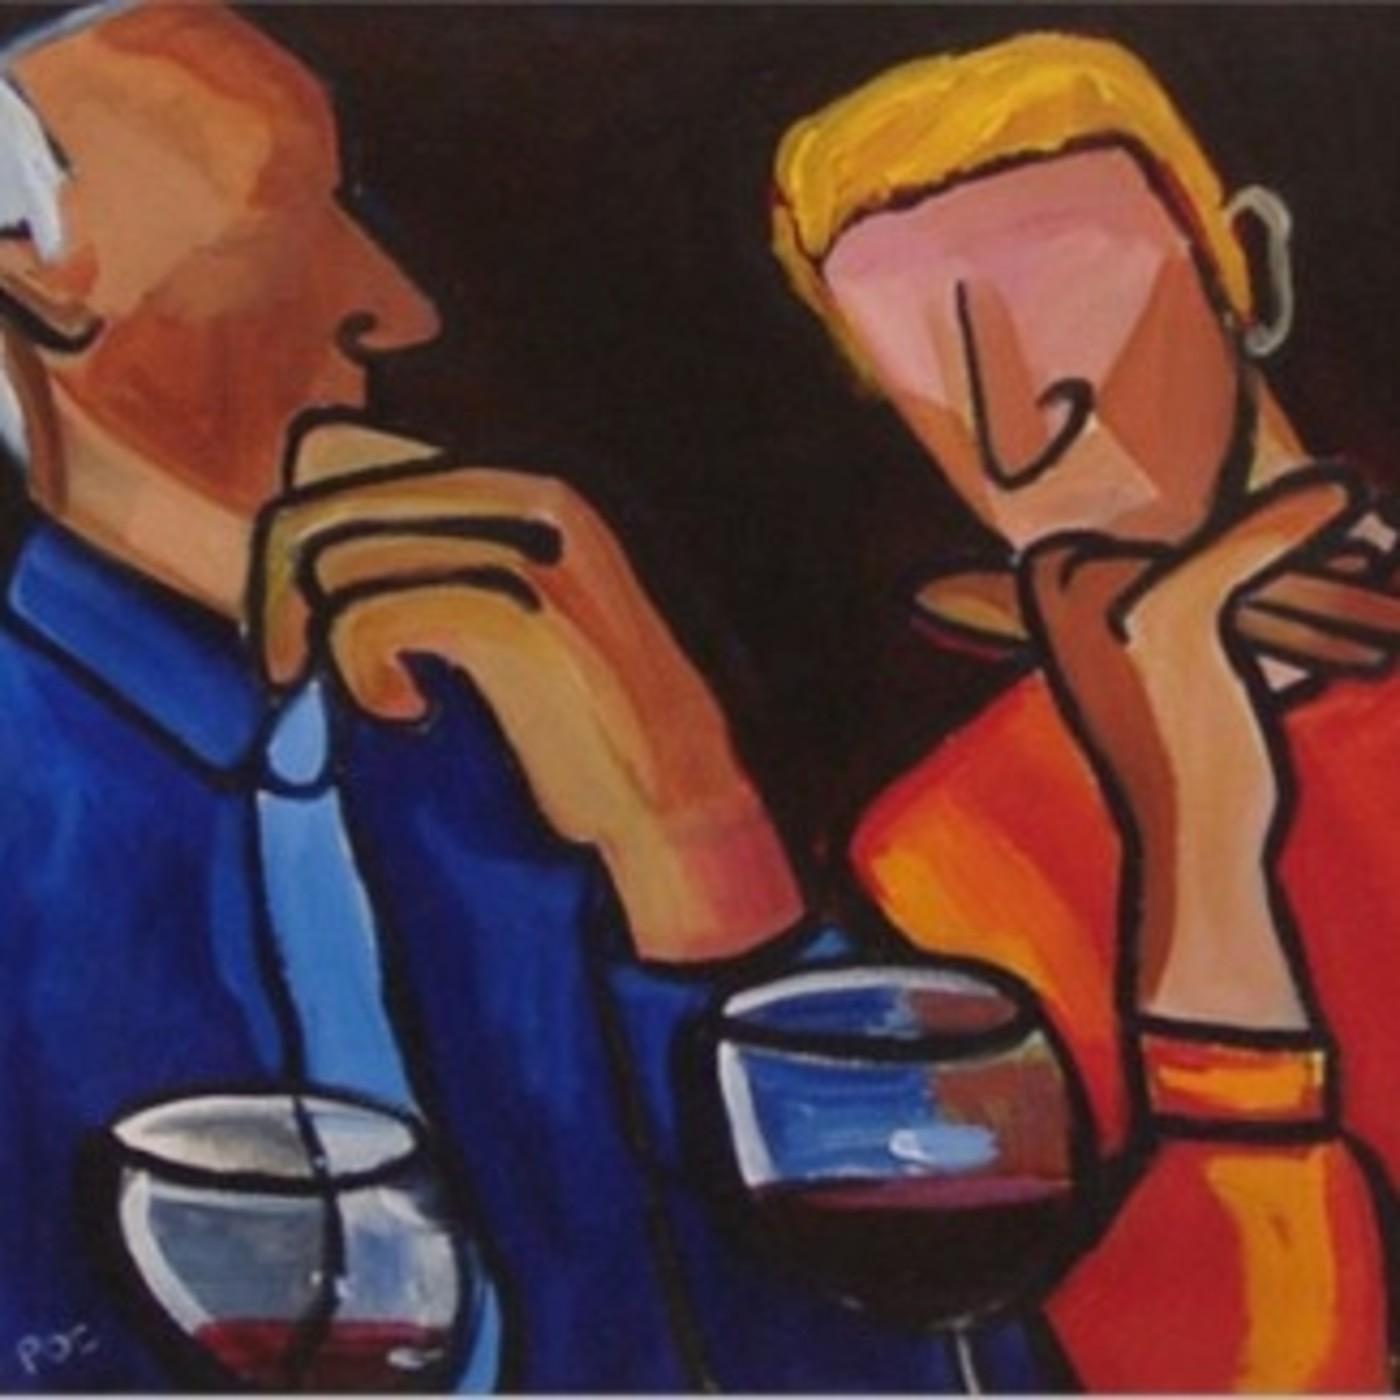 CONVERSACIONES EN PROFUNDIDAD / IN CONVERSATION...